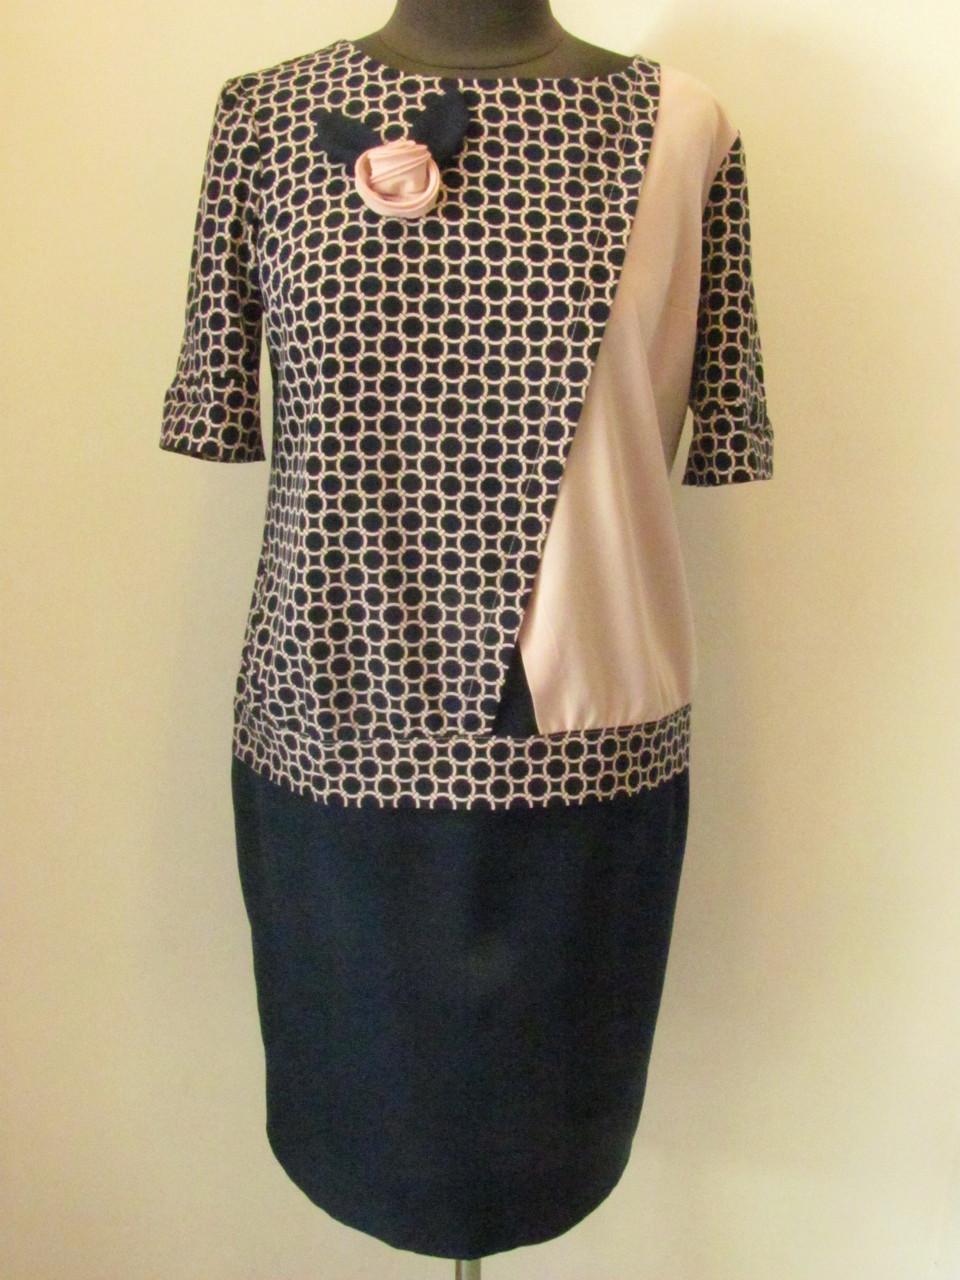 Стильный костюм с юбкой подойдет для делового и повседневного образа в стиле smart casual, р.50 код 2085М